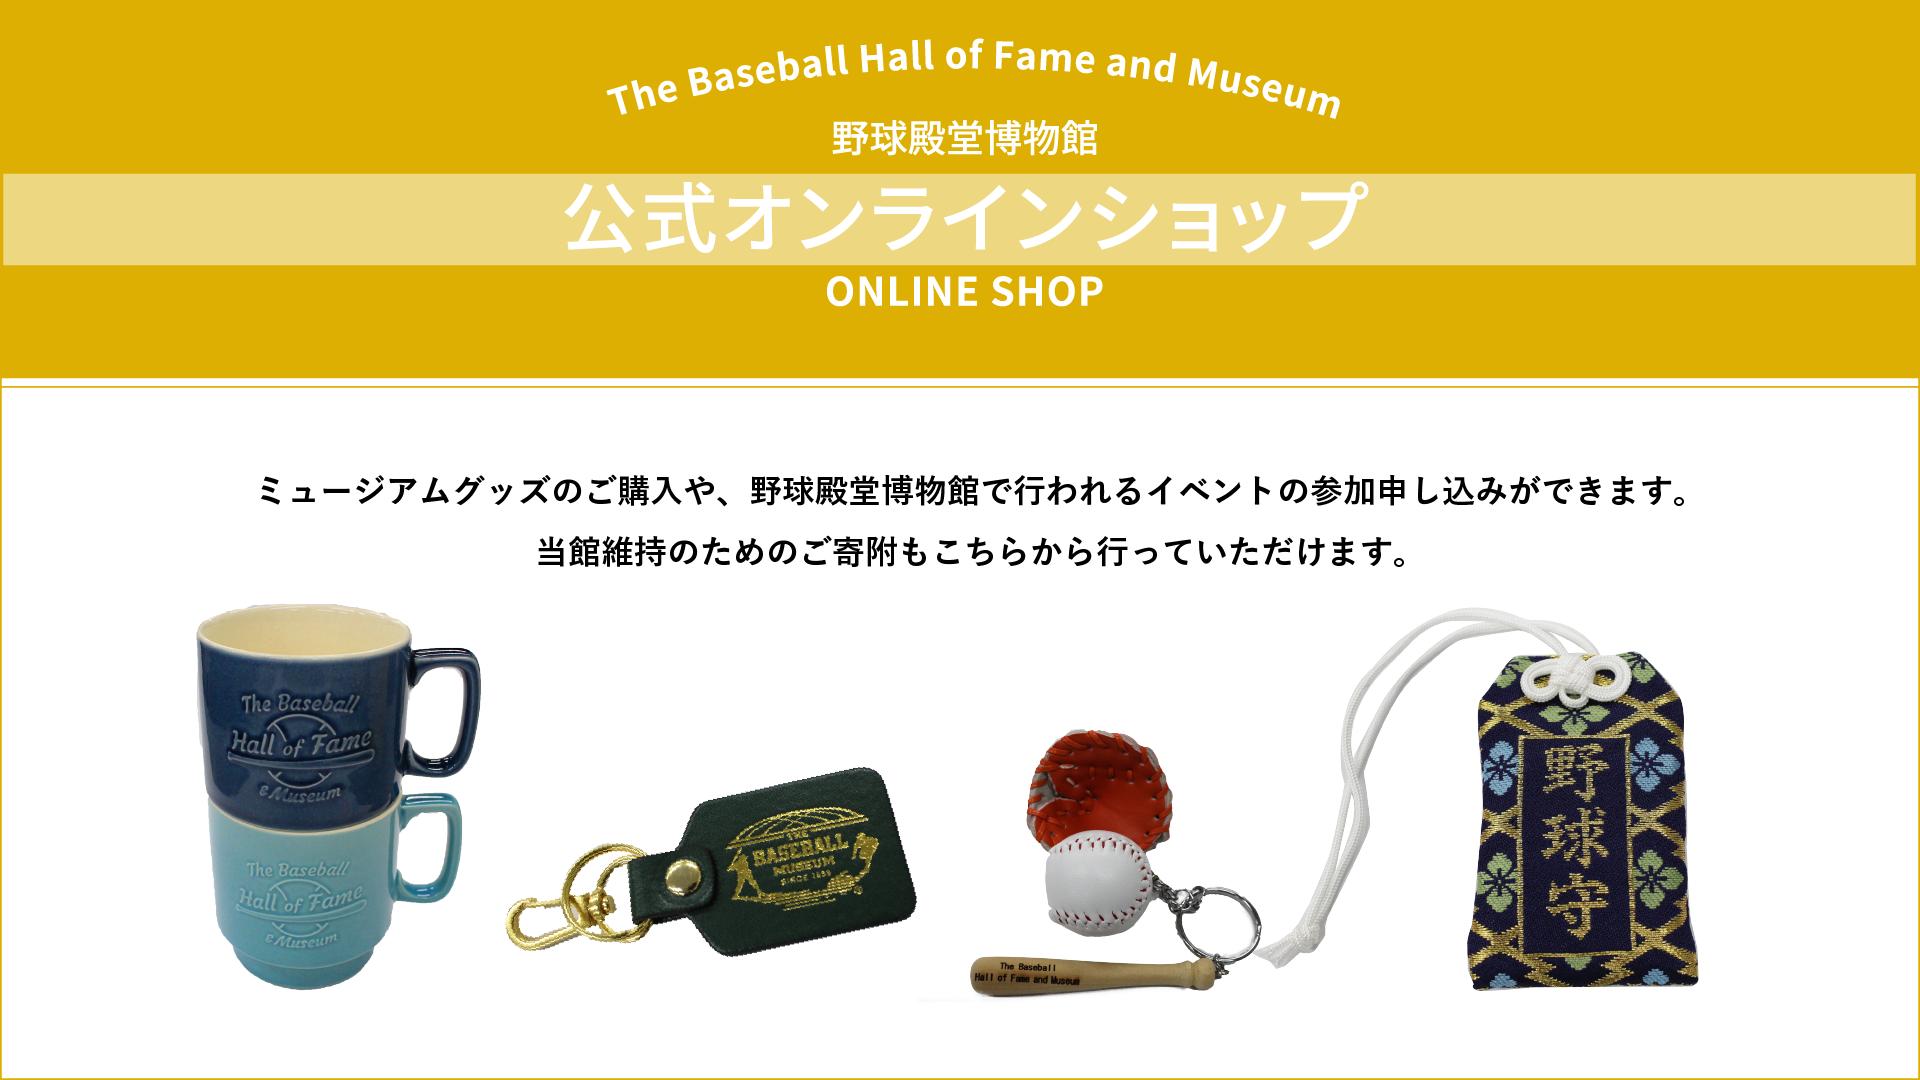 野球殿堂博物館 公式オンラインショップ